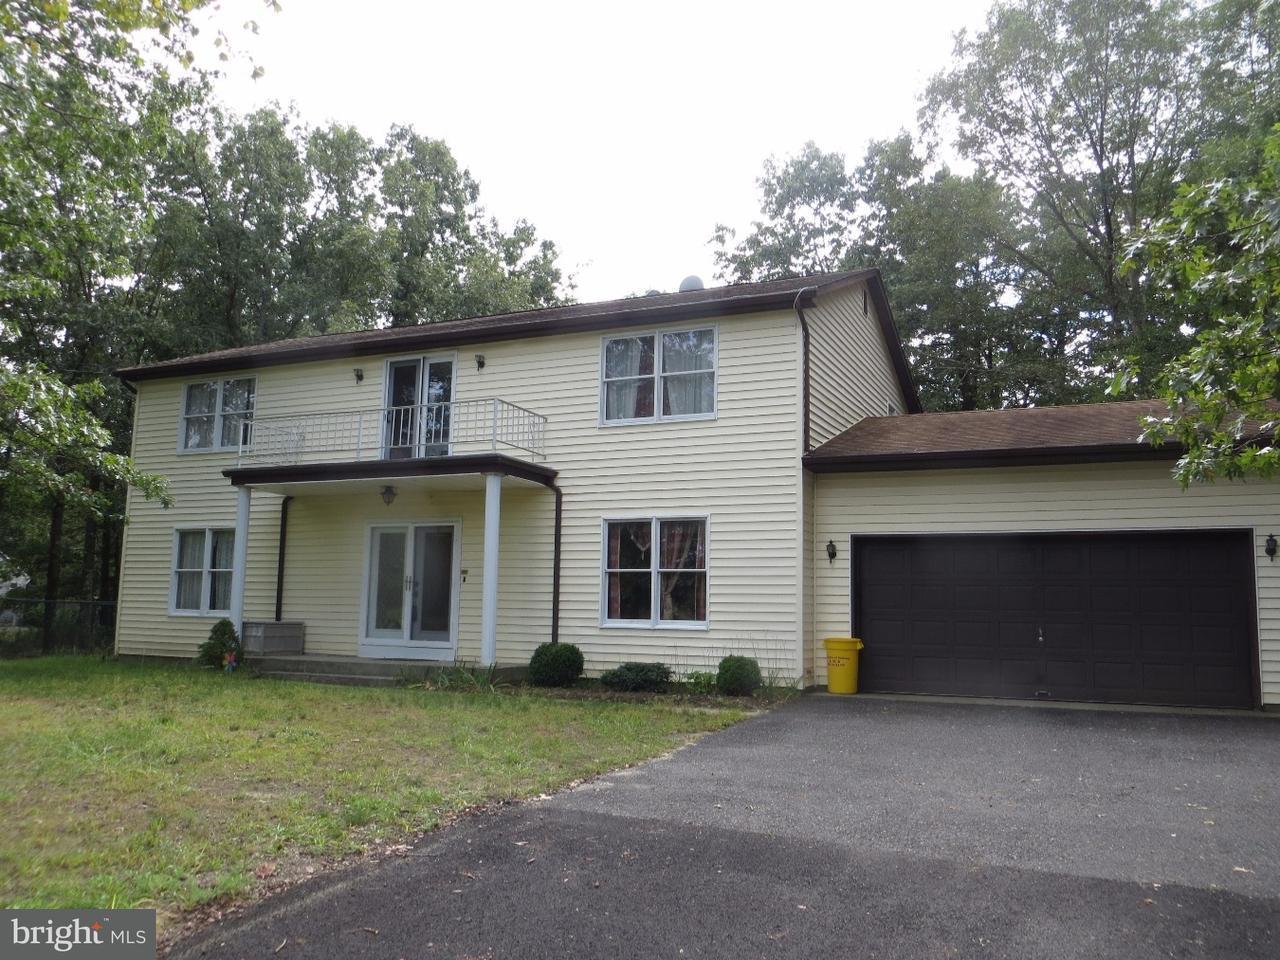 独户住宅 为 销售 在 718 E VETERANS HWY Jackson Township, 新泽西州 08527 美国